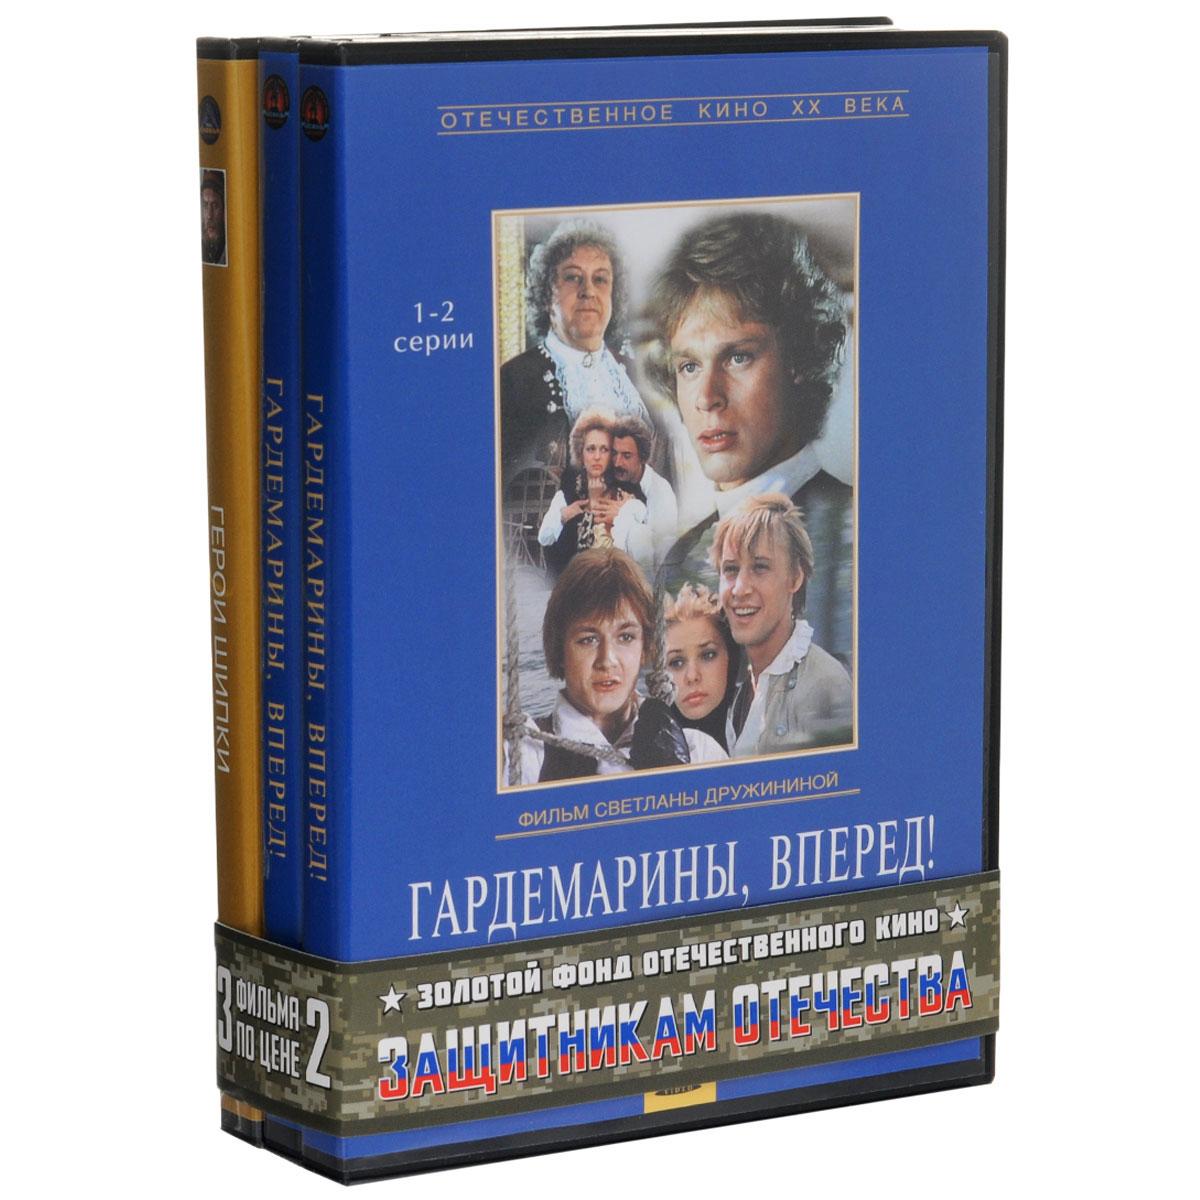 Гардемарины, вперед!: 1-2 серии / Гардемарины, вперед!: 3-4 серии / Герои Шипки (3 DVD)